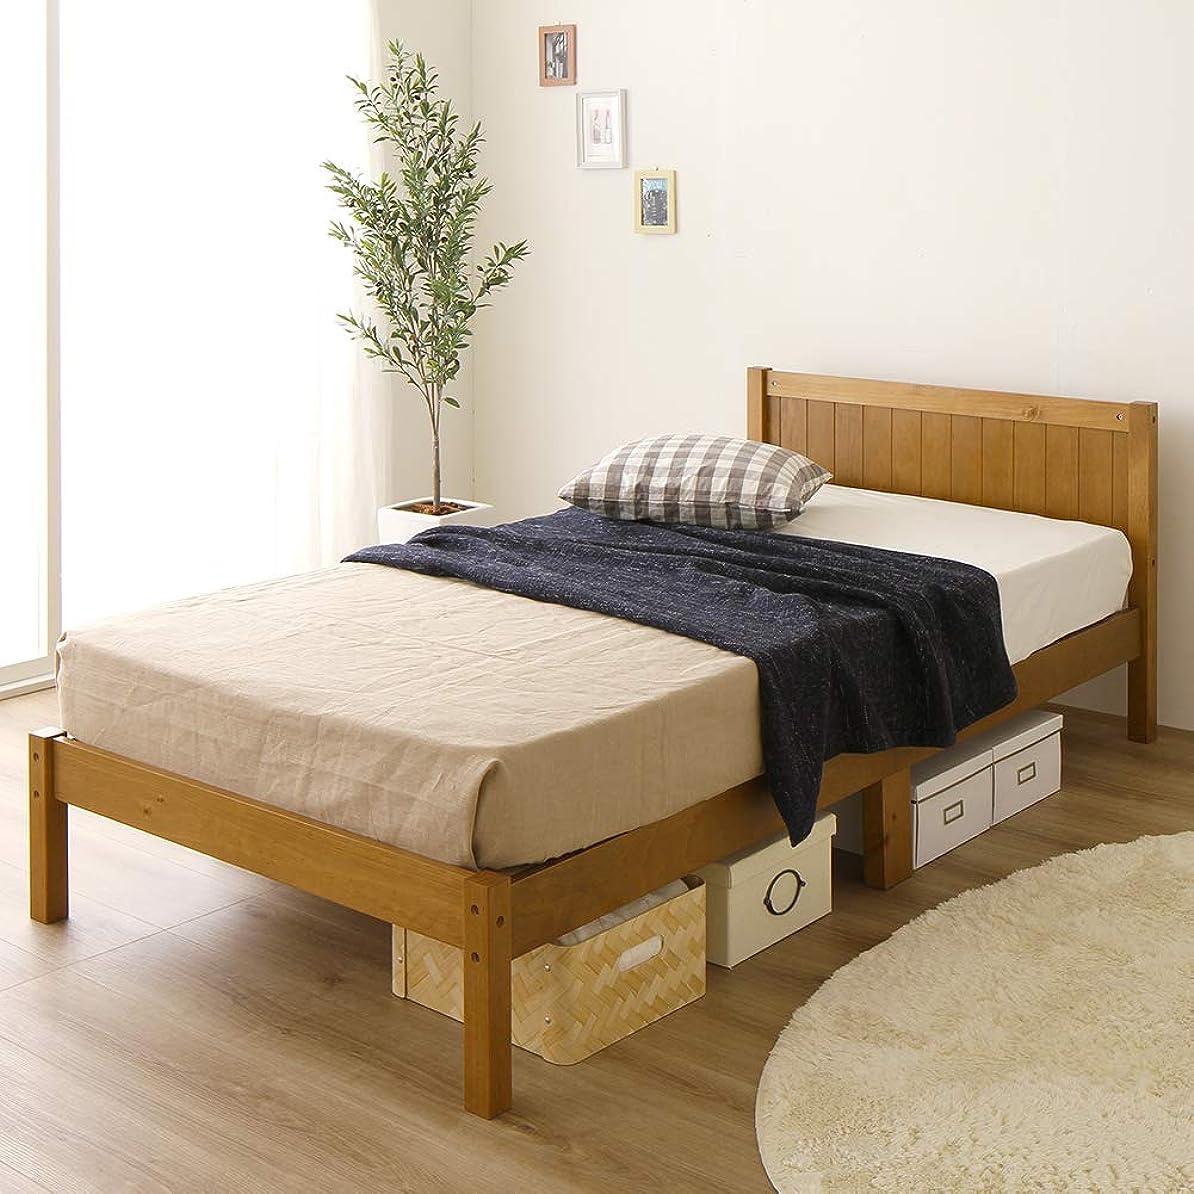 束抜本的な男やもめカントリー調 天然木 布団対応 頑丈タイプ すのこベッド シングル(フレームのみ)『Mina』ミーナ ライトブラウン